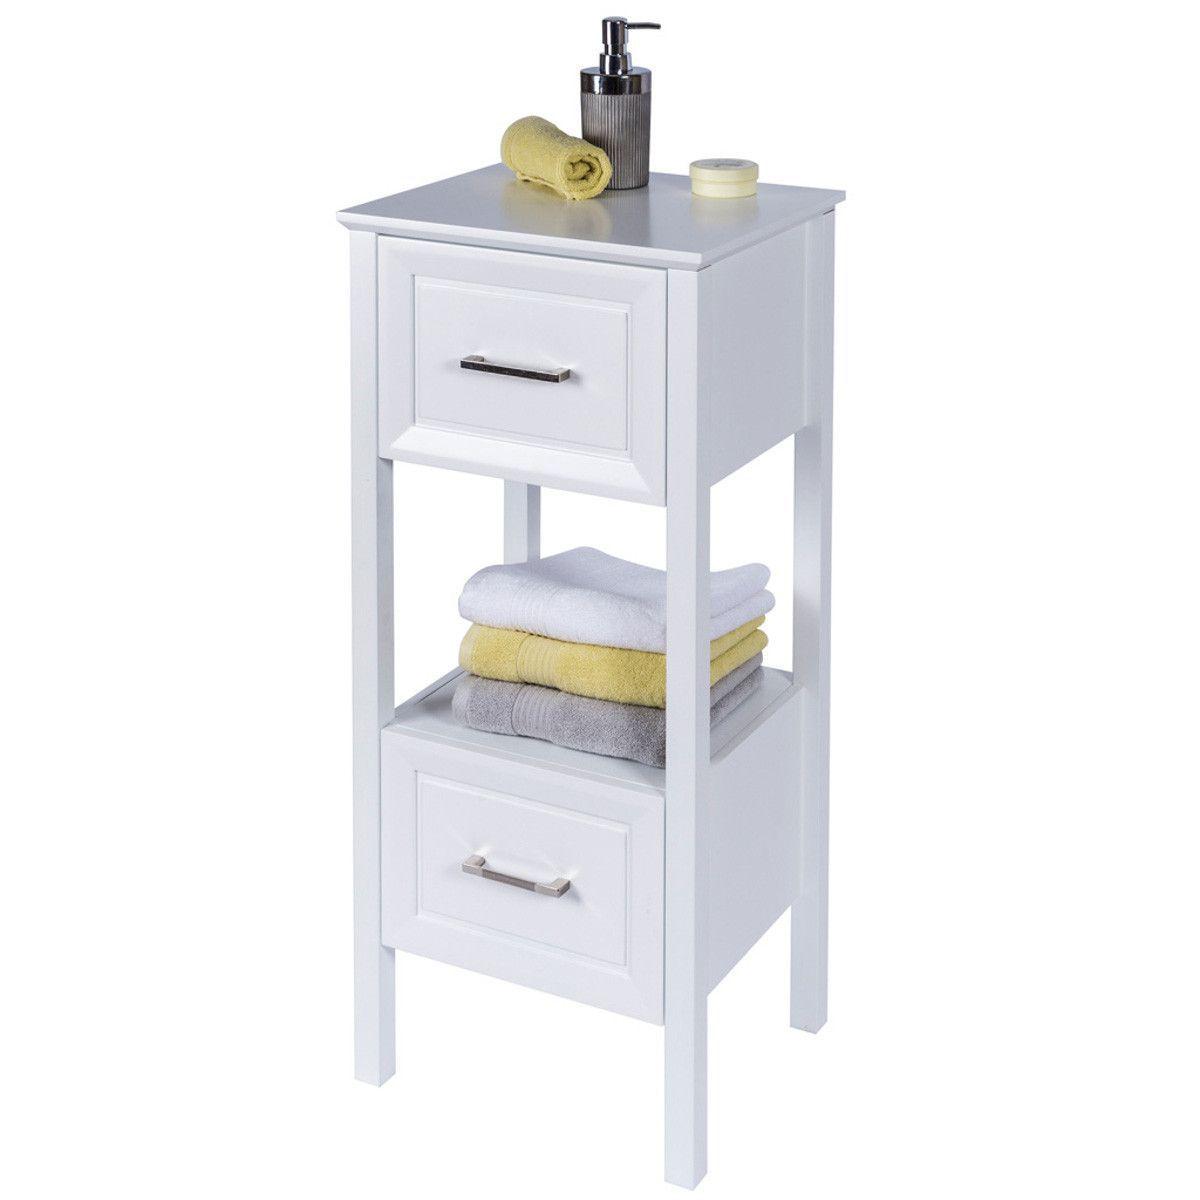 2019 white bathroom floor cabinet kitchen cabinet lighting ideas 2019 white bathroom floor cabinet kitchen cabinet lighting ideas check more at http tyukafo